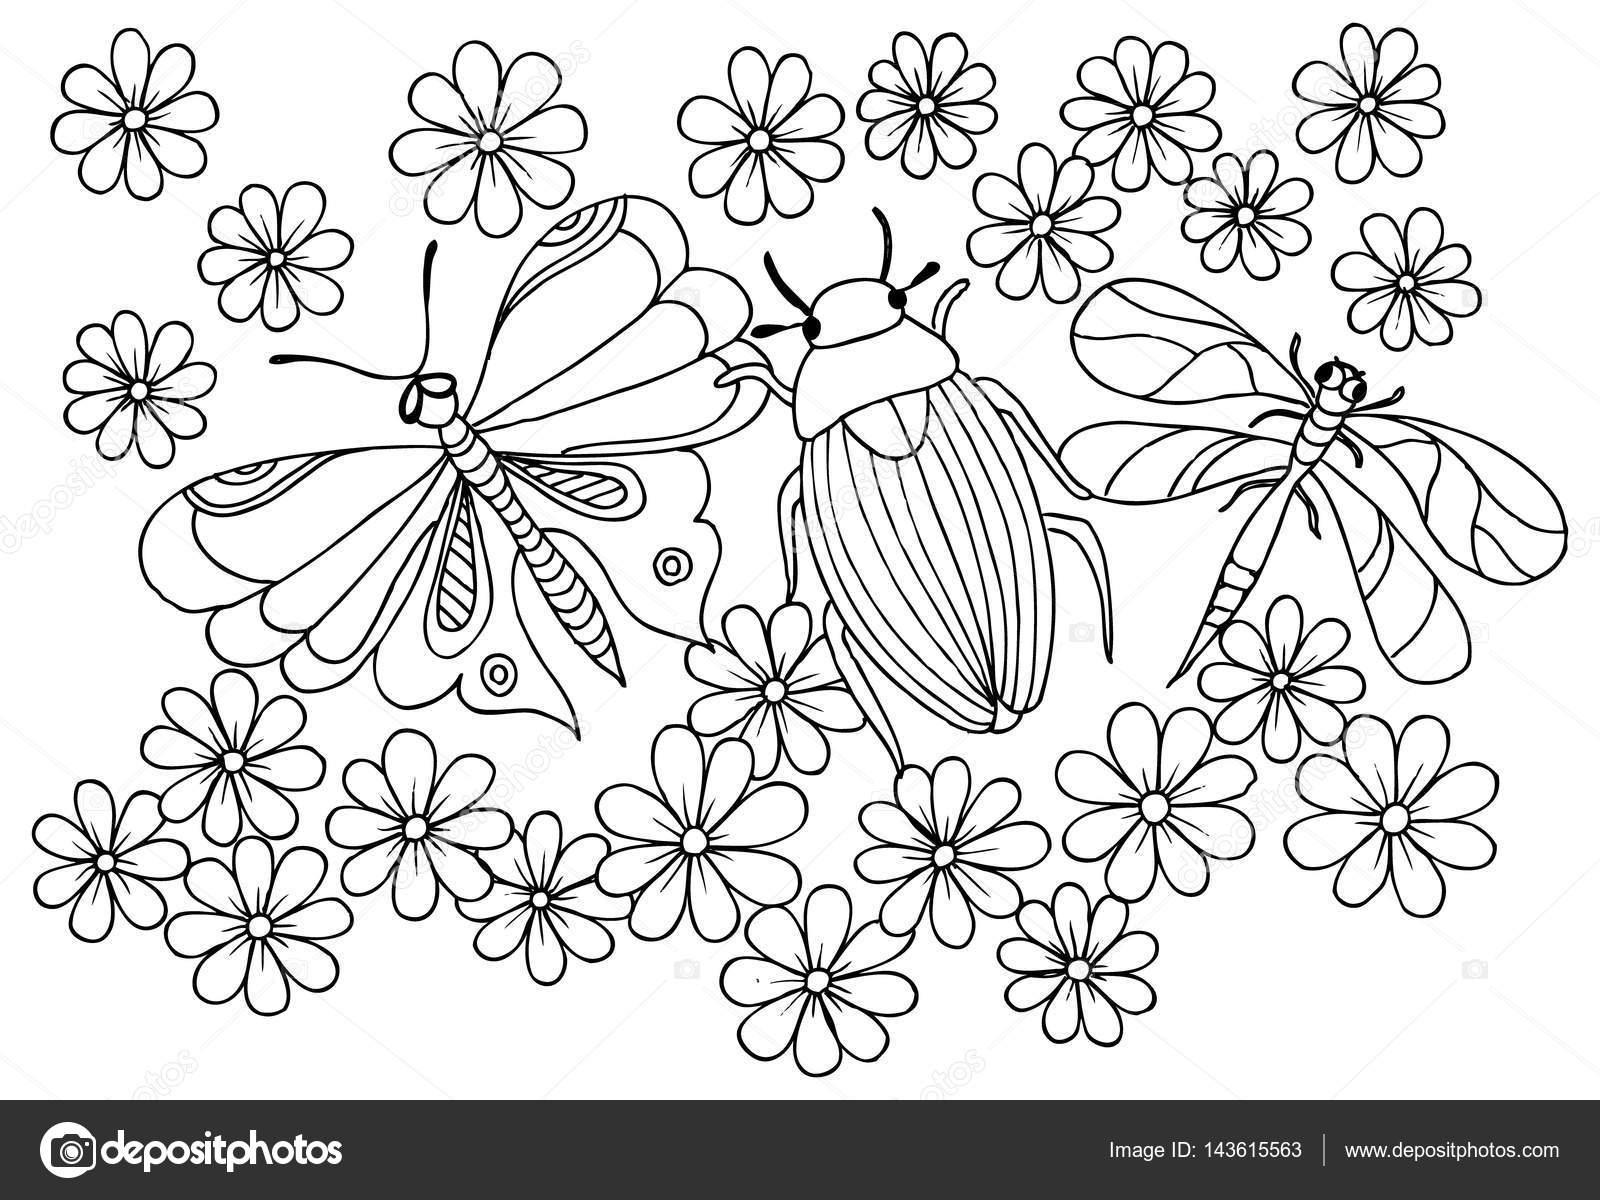 Hata Yusufçuk Kelebek Ve çiçek Deseni Boyama Stok Vektör